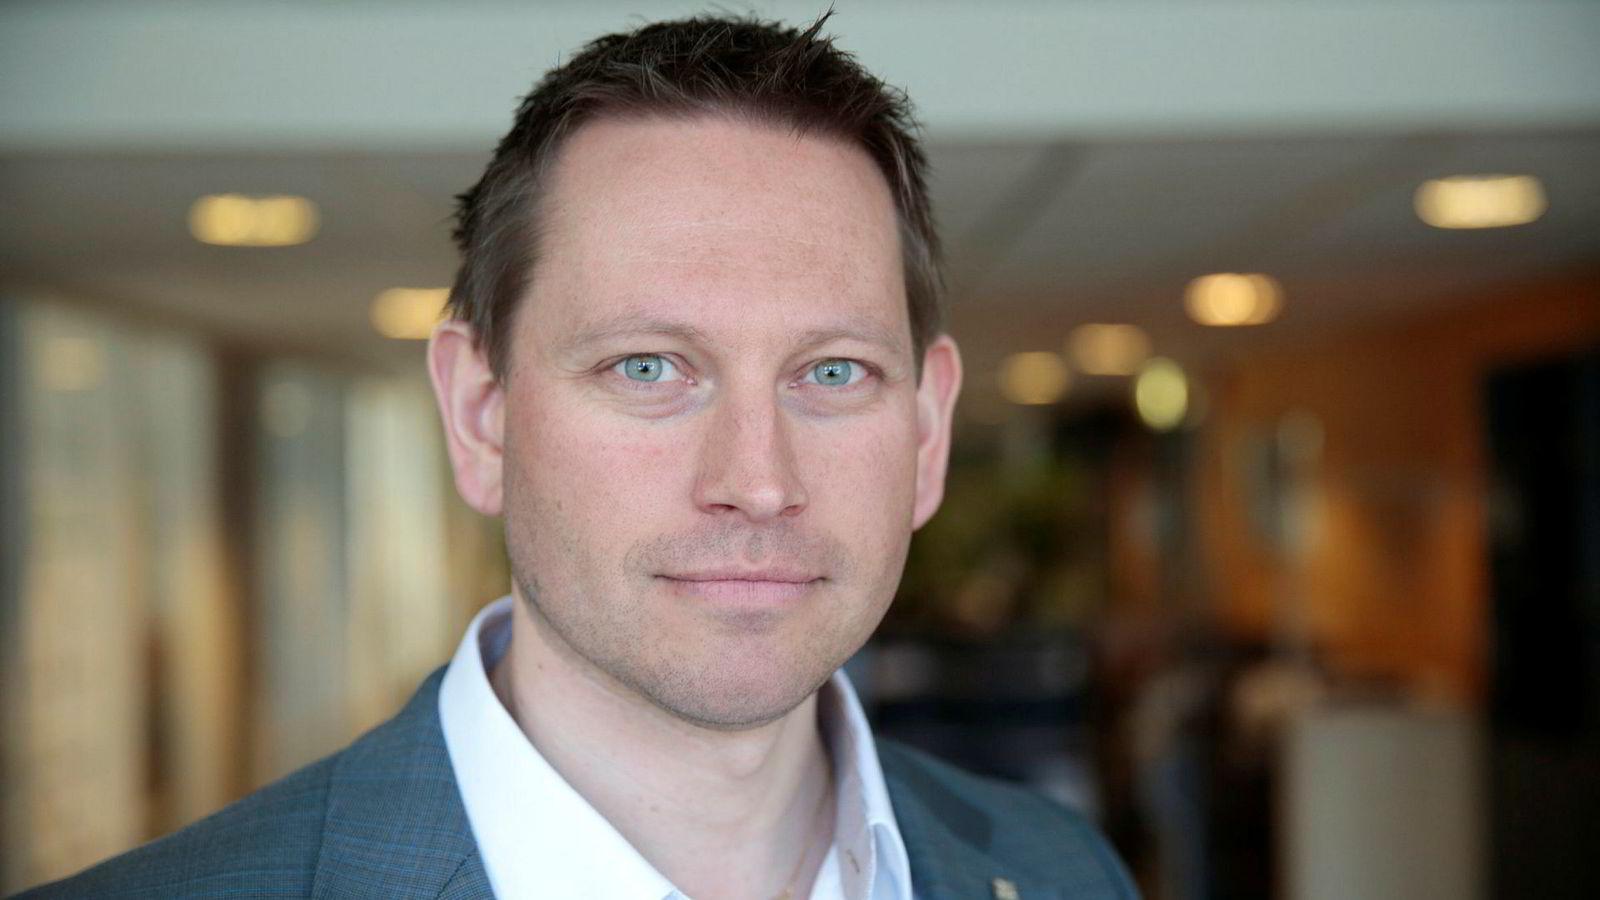 Vegard Einan, tidligere nestleder i YS-forbundet Parat, rykker opp.